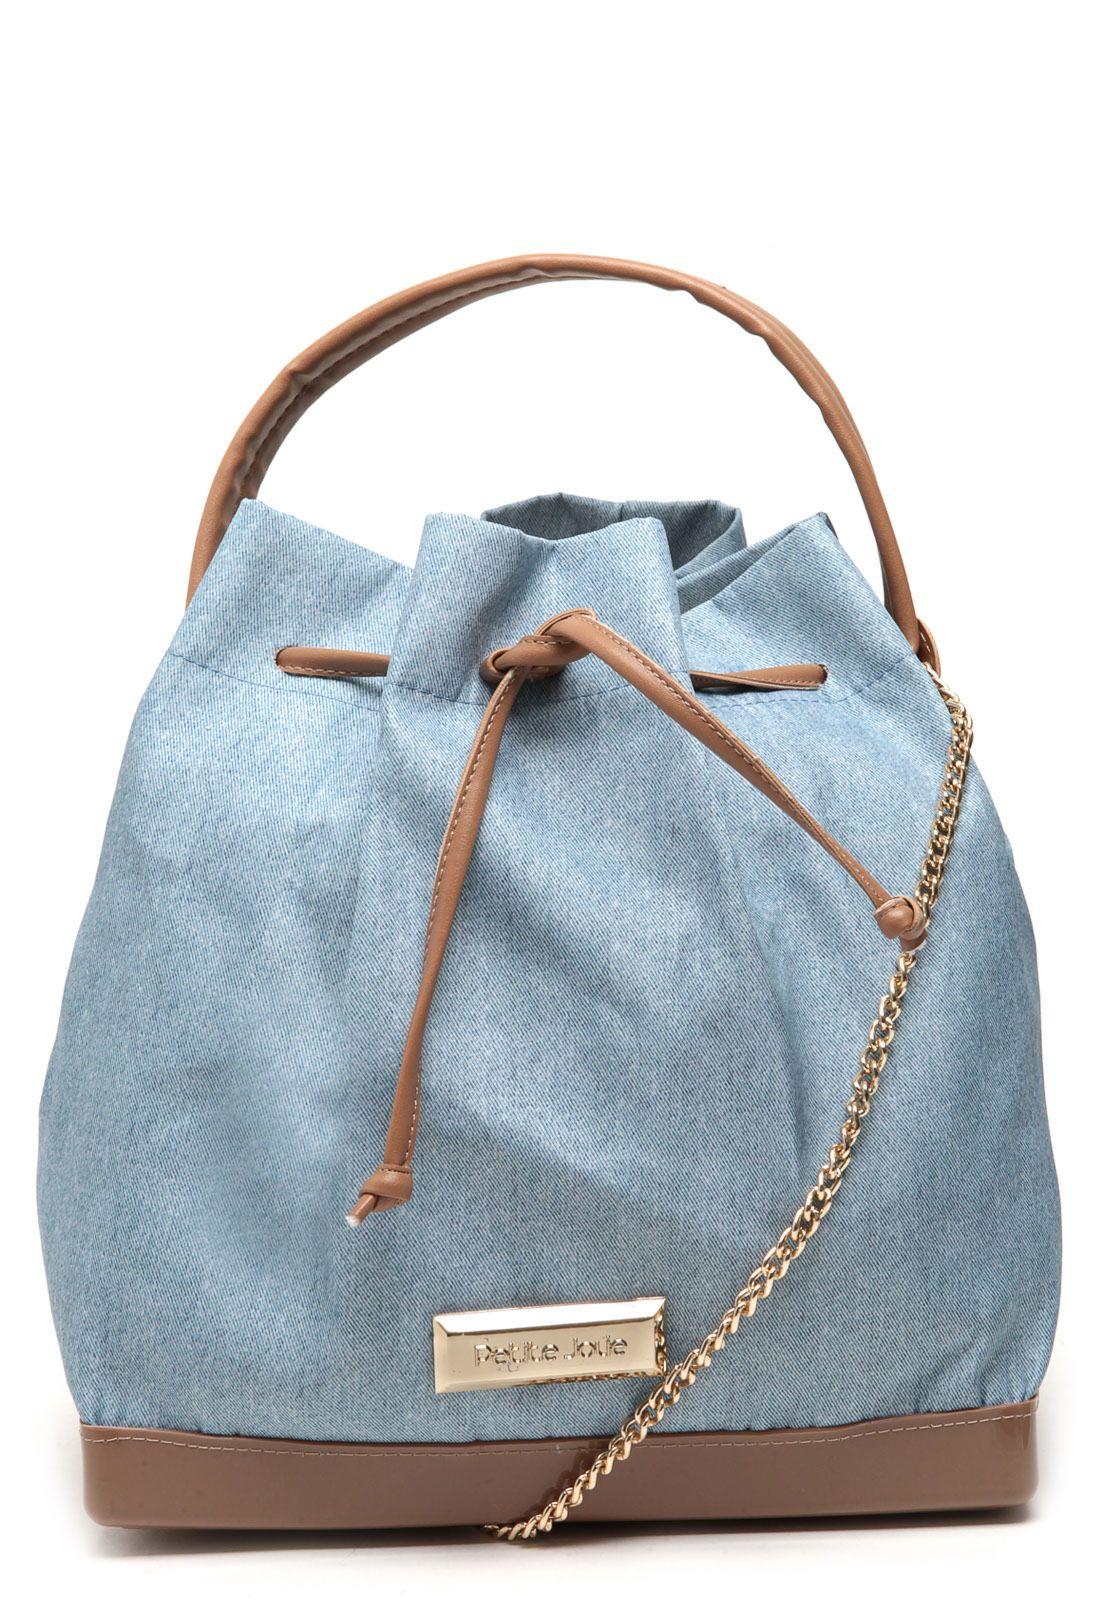 57856bd6d bolsa saco petite jolie correntes azul | Jeans. | Bolsos, Carteras e ...